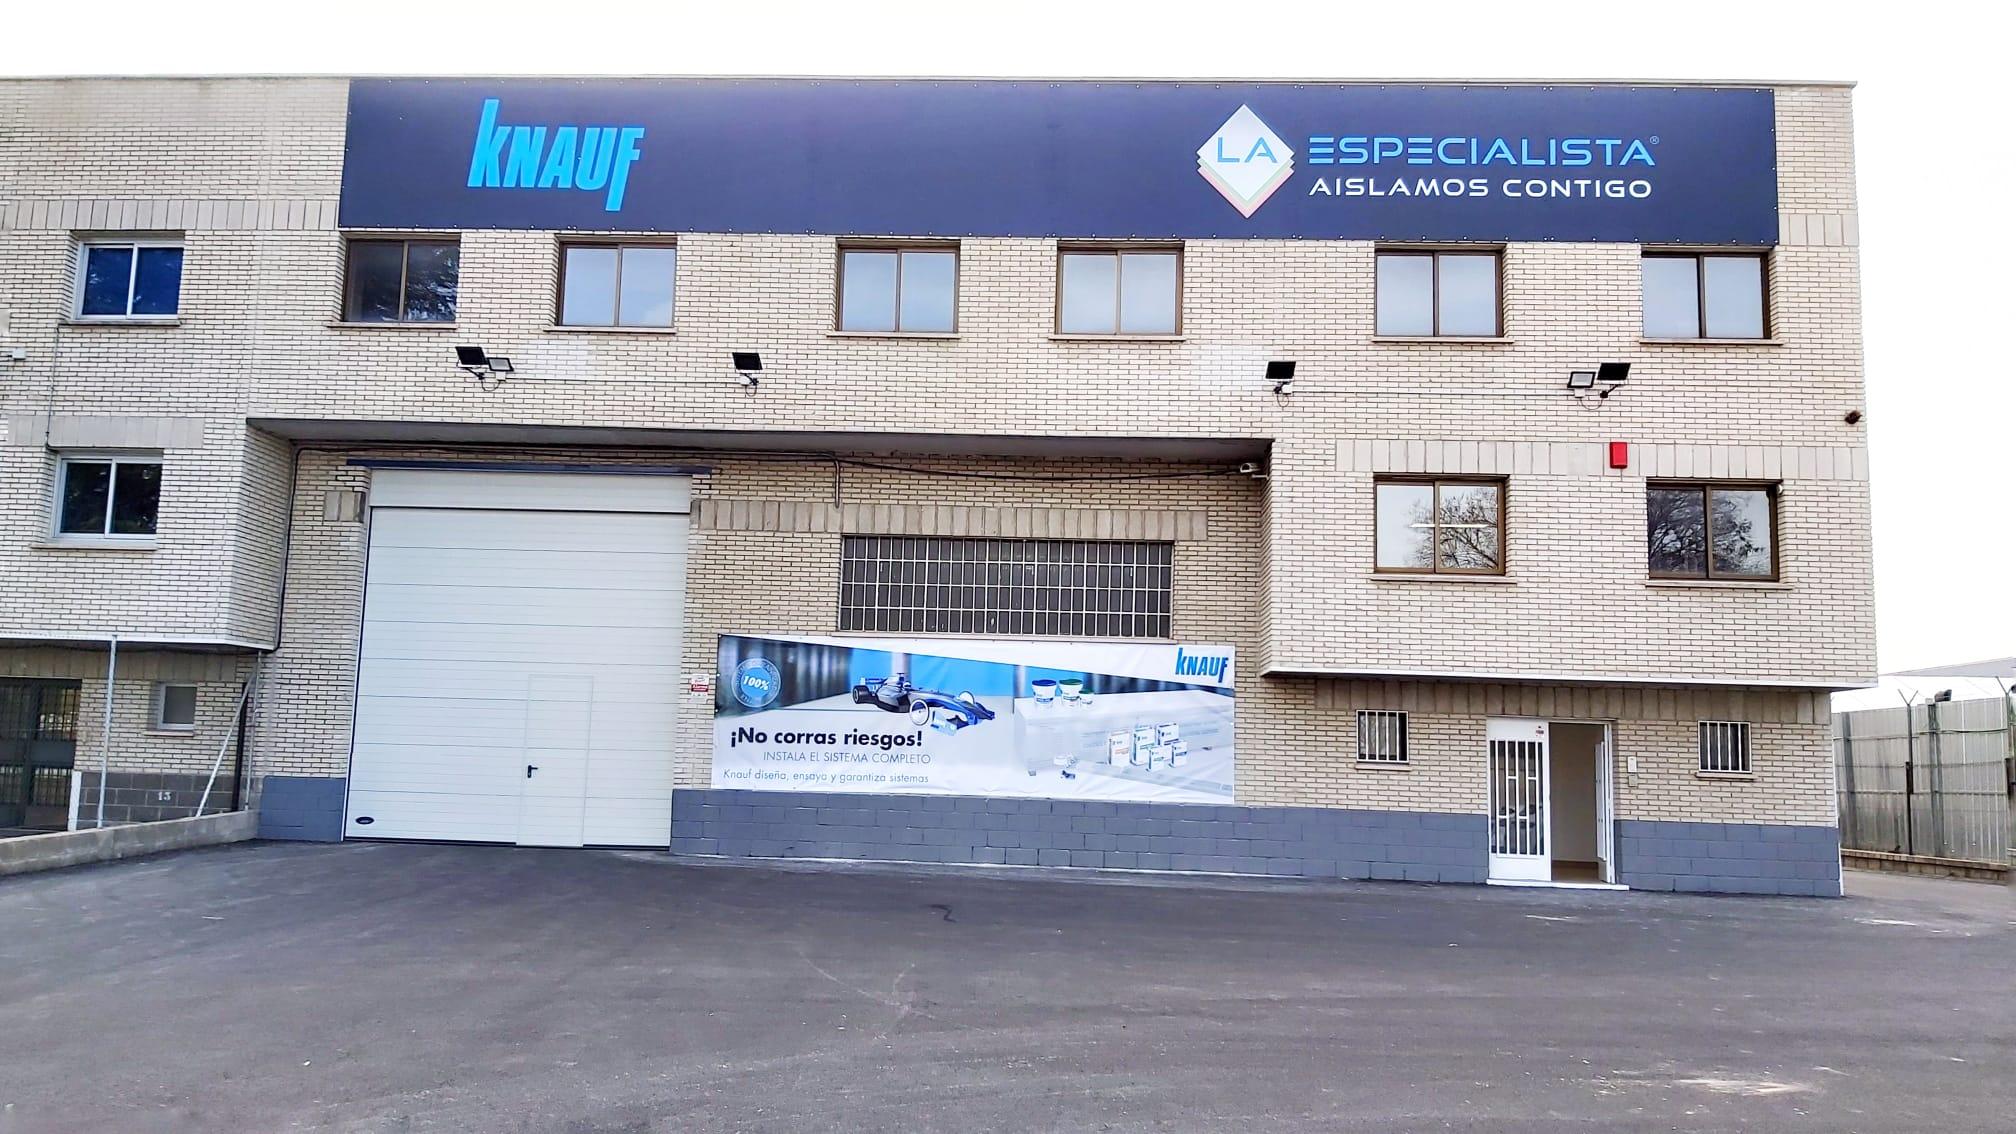 LA ESPECIALISTA COSLADA, MADRID